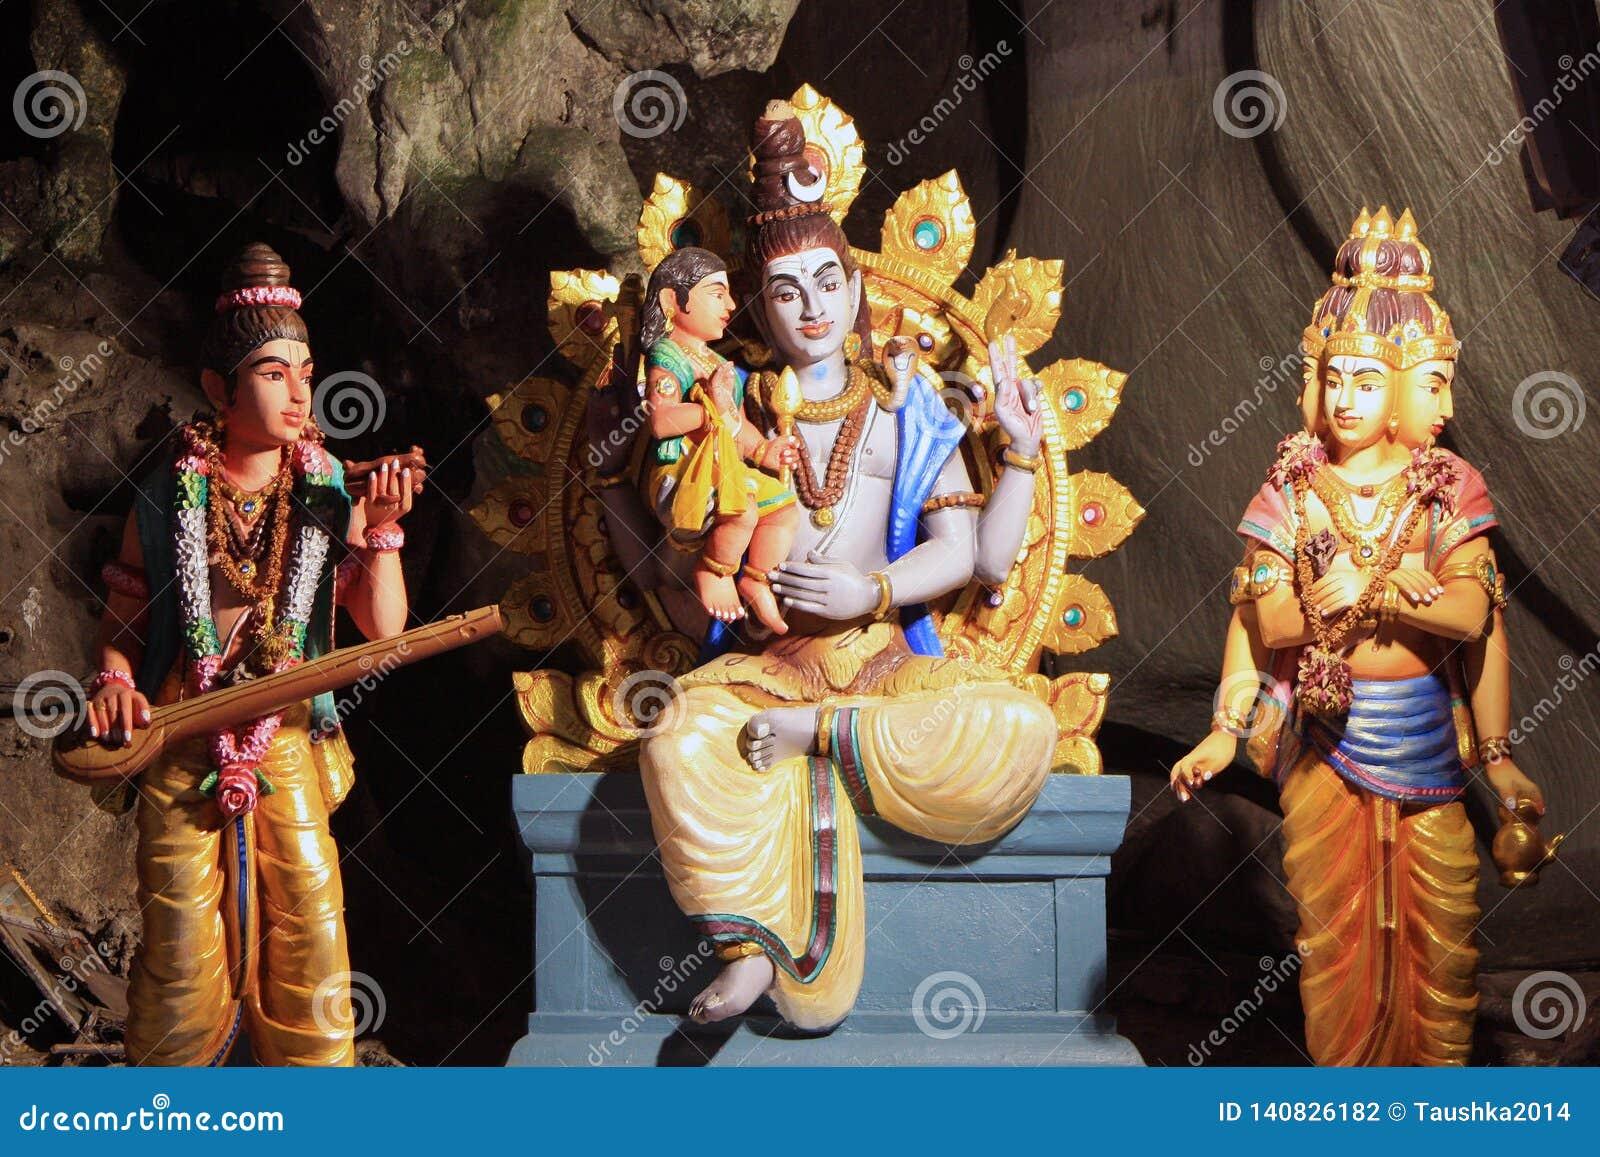 Traditionelle Statuen des hindischen Gottes in Batu höhlen, Kuala Lumpur, Malaysia aus